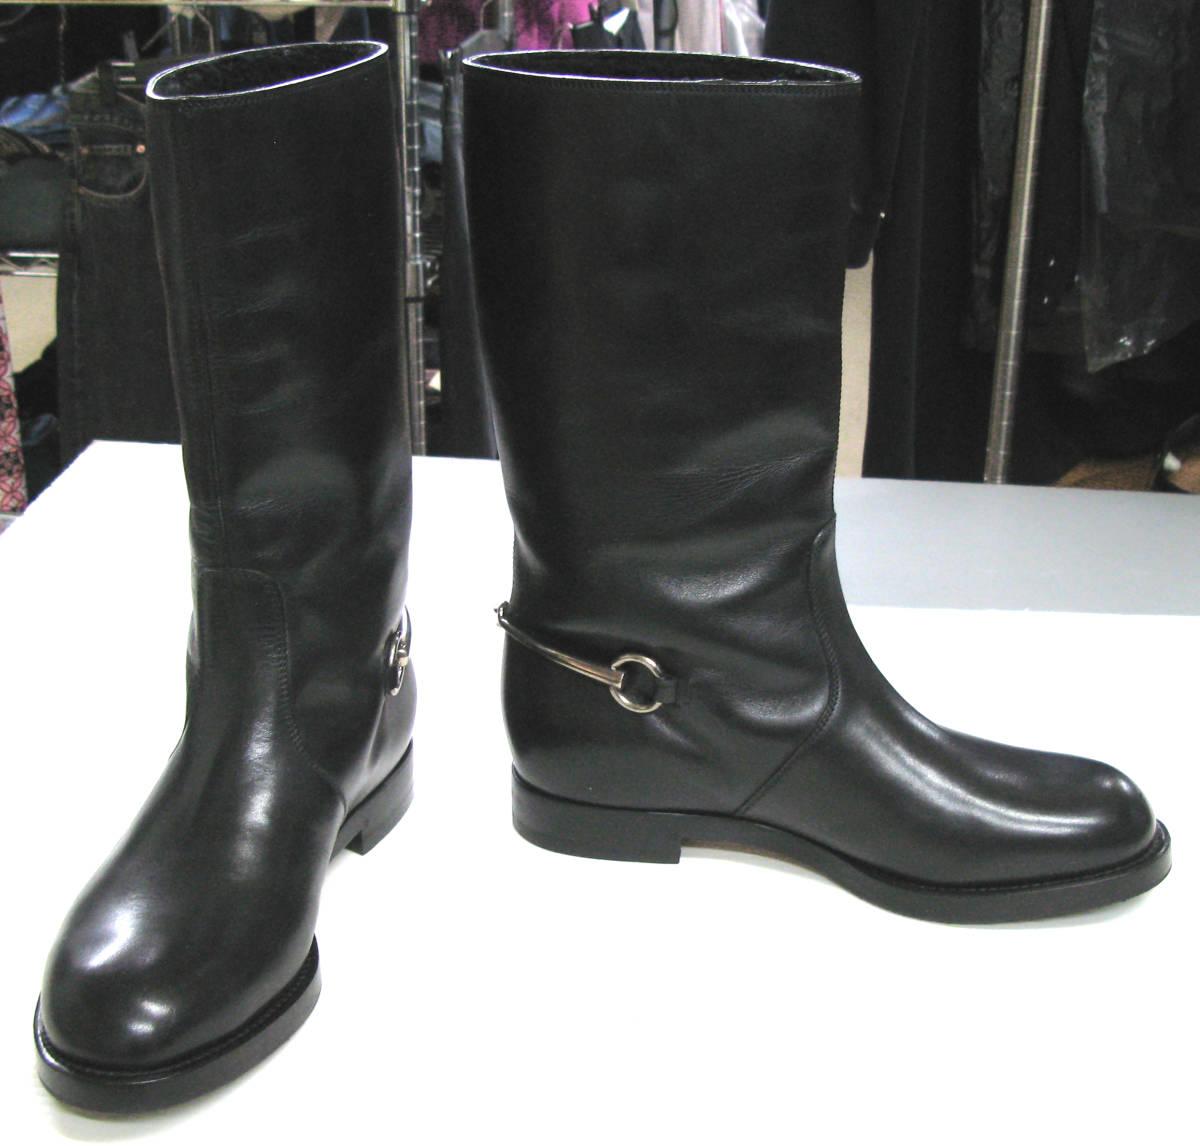 グッチ GUCCI*レザー ロング ブーツ 美品 7.5 ( 革靴 シューズ leather boots_画像1